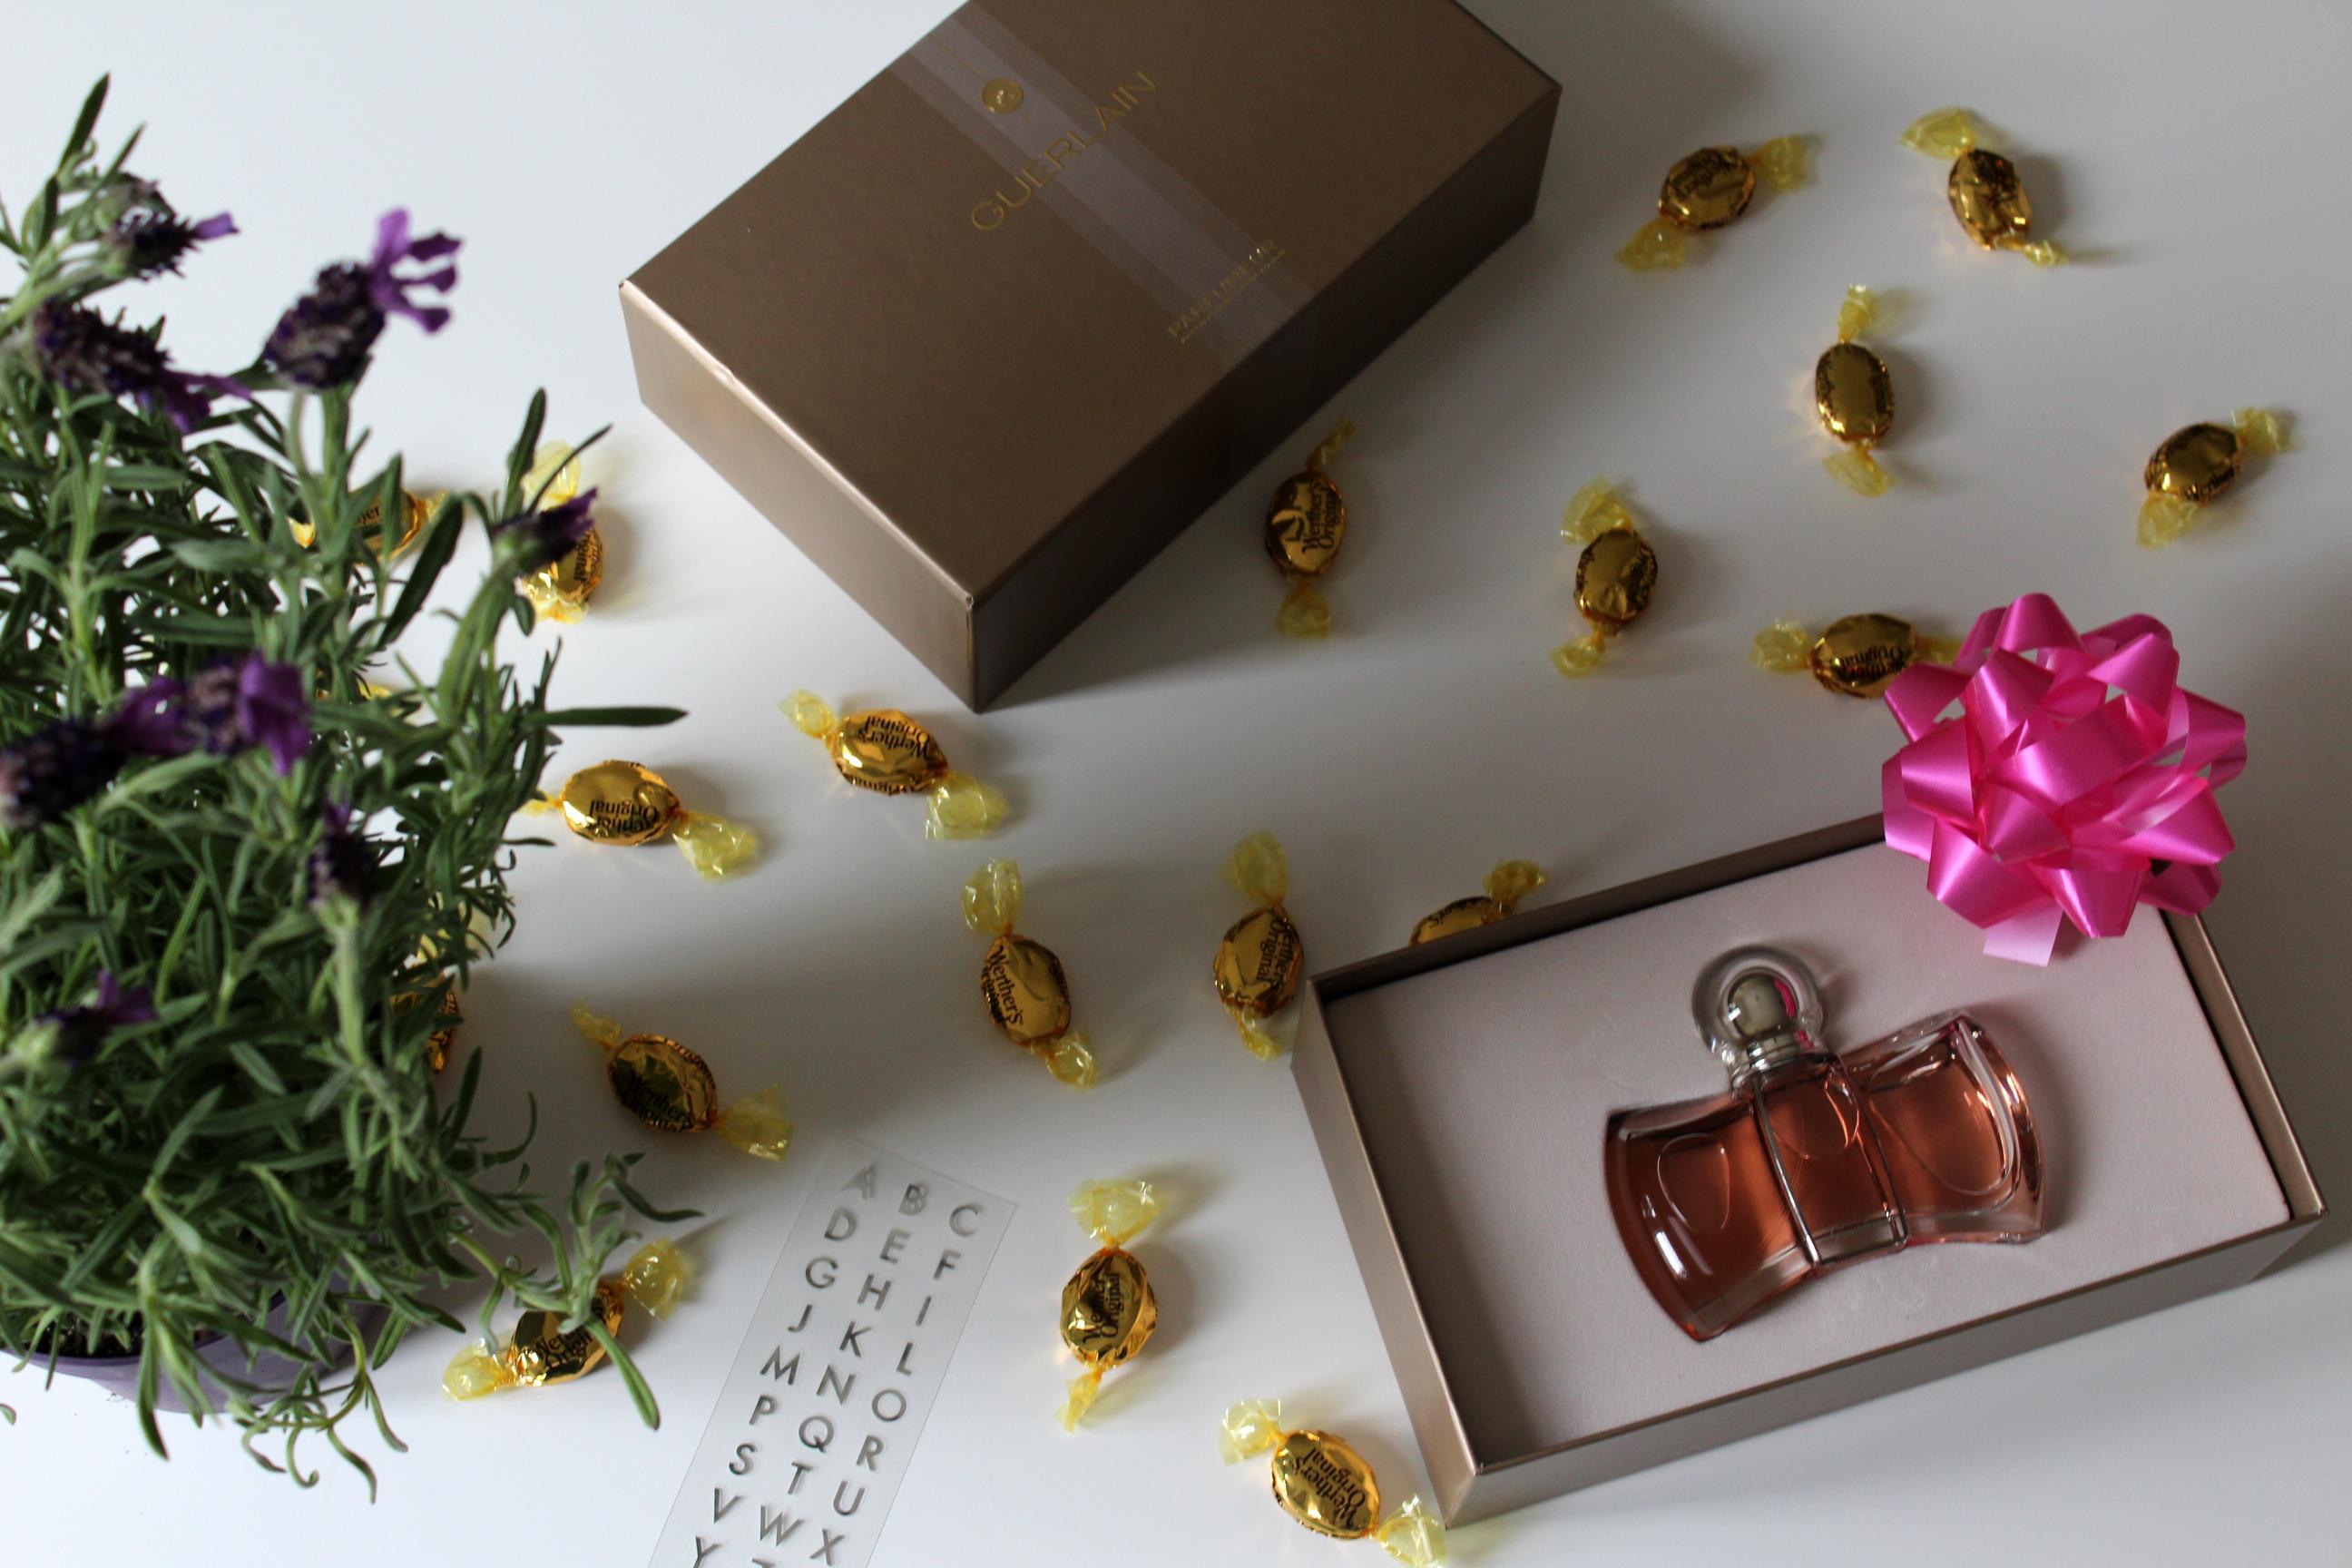 Mon Exclusif - Your Perfume to Name